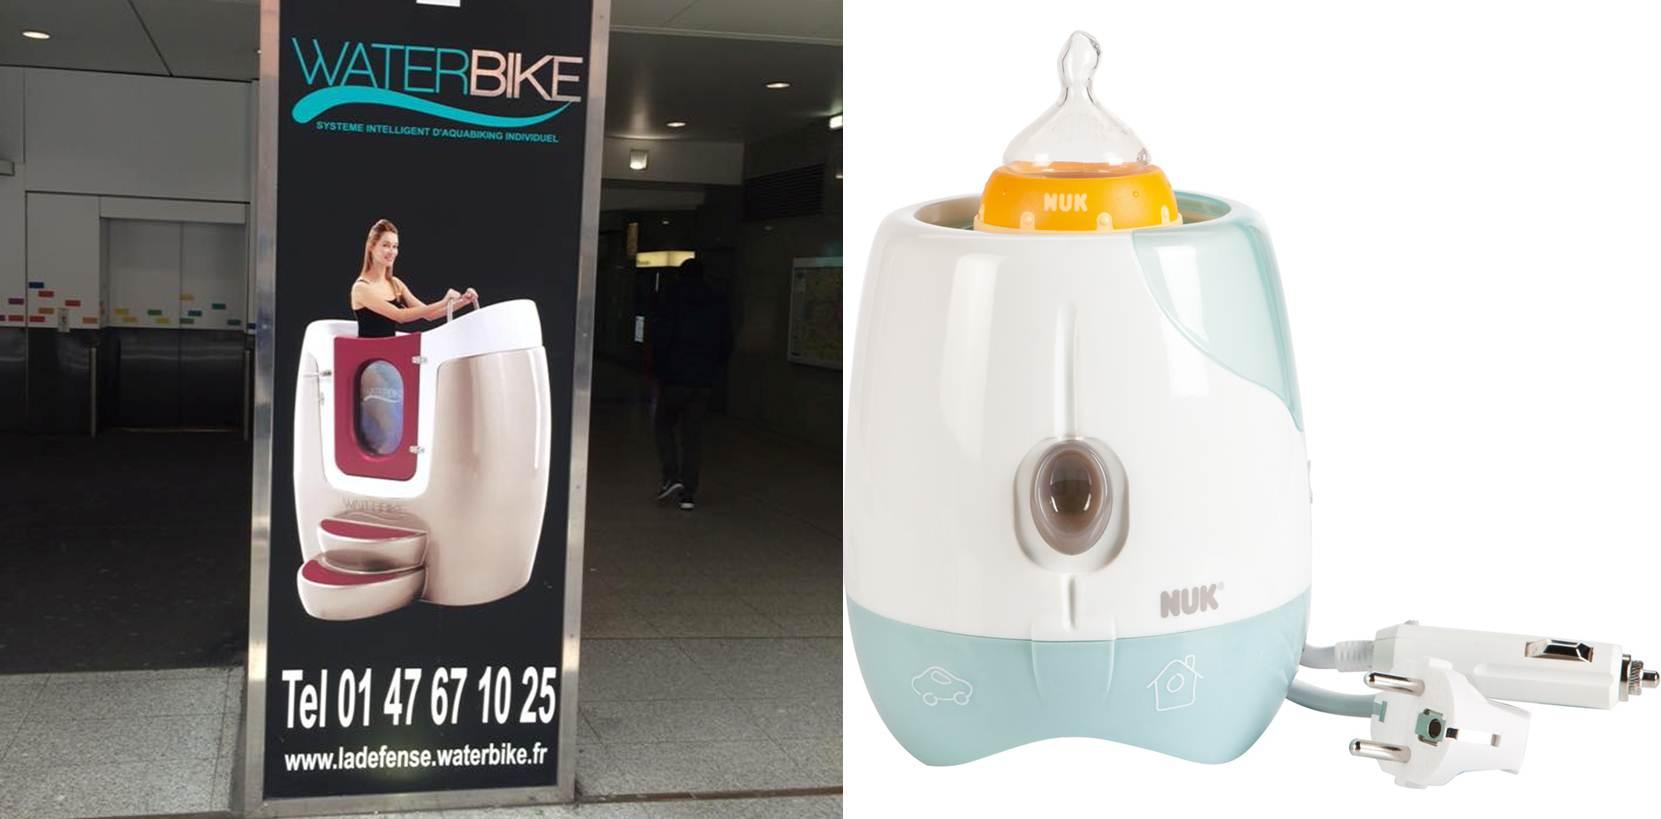 waterbike et robot de cuisson mauvaises langues. Black Bedroom Furniture Sets. Home Design Ideas